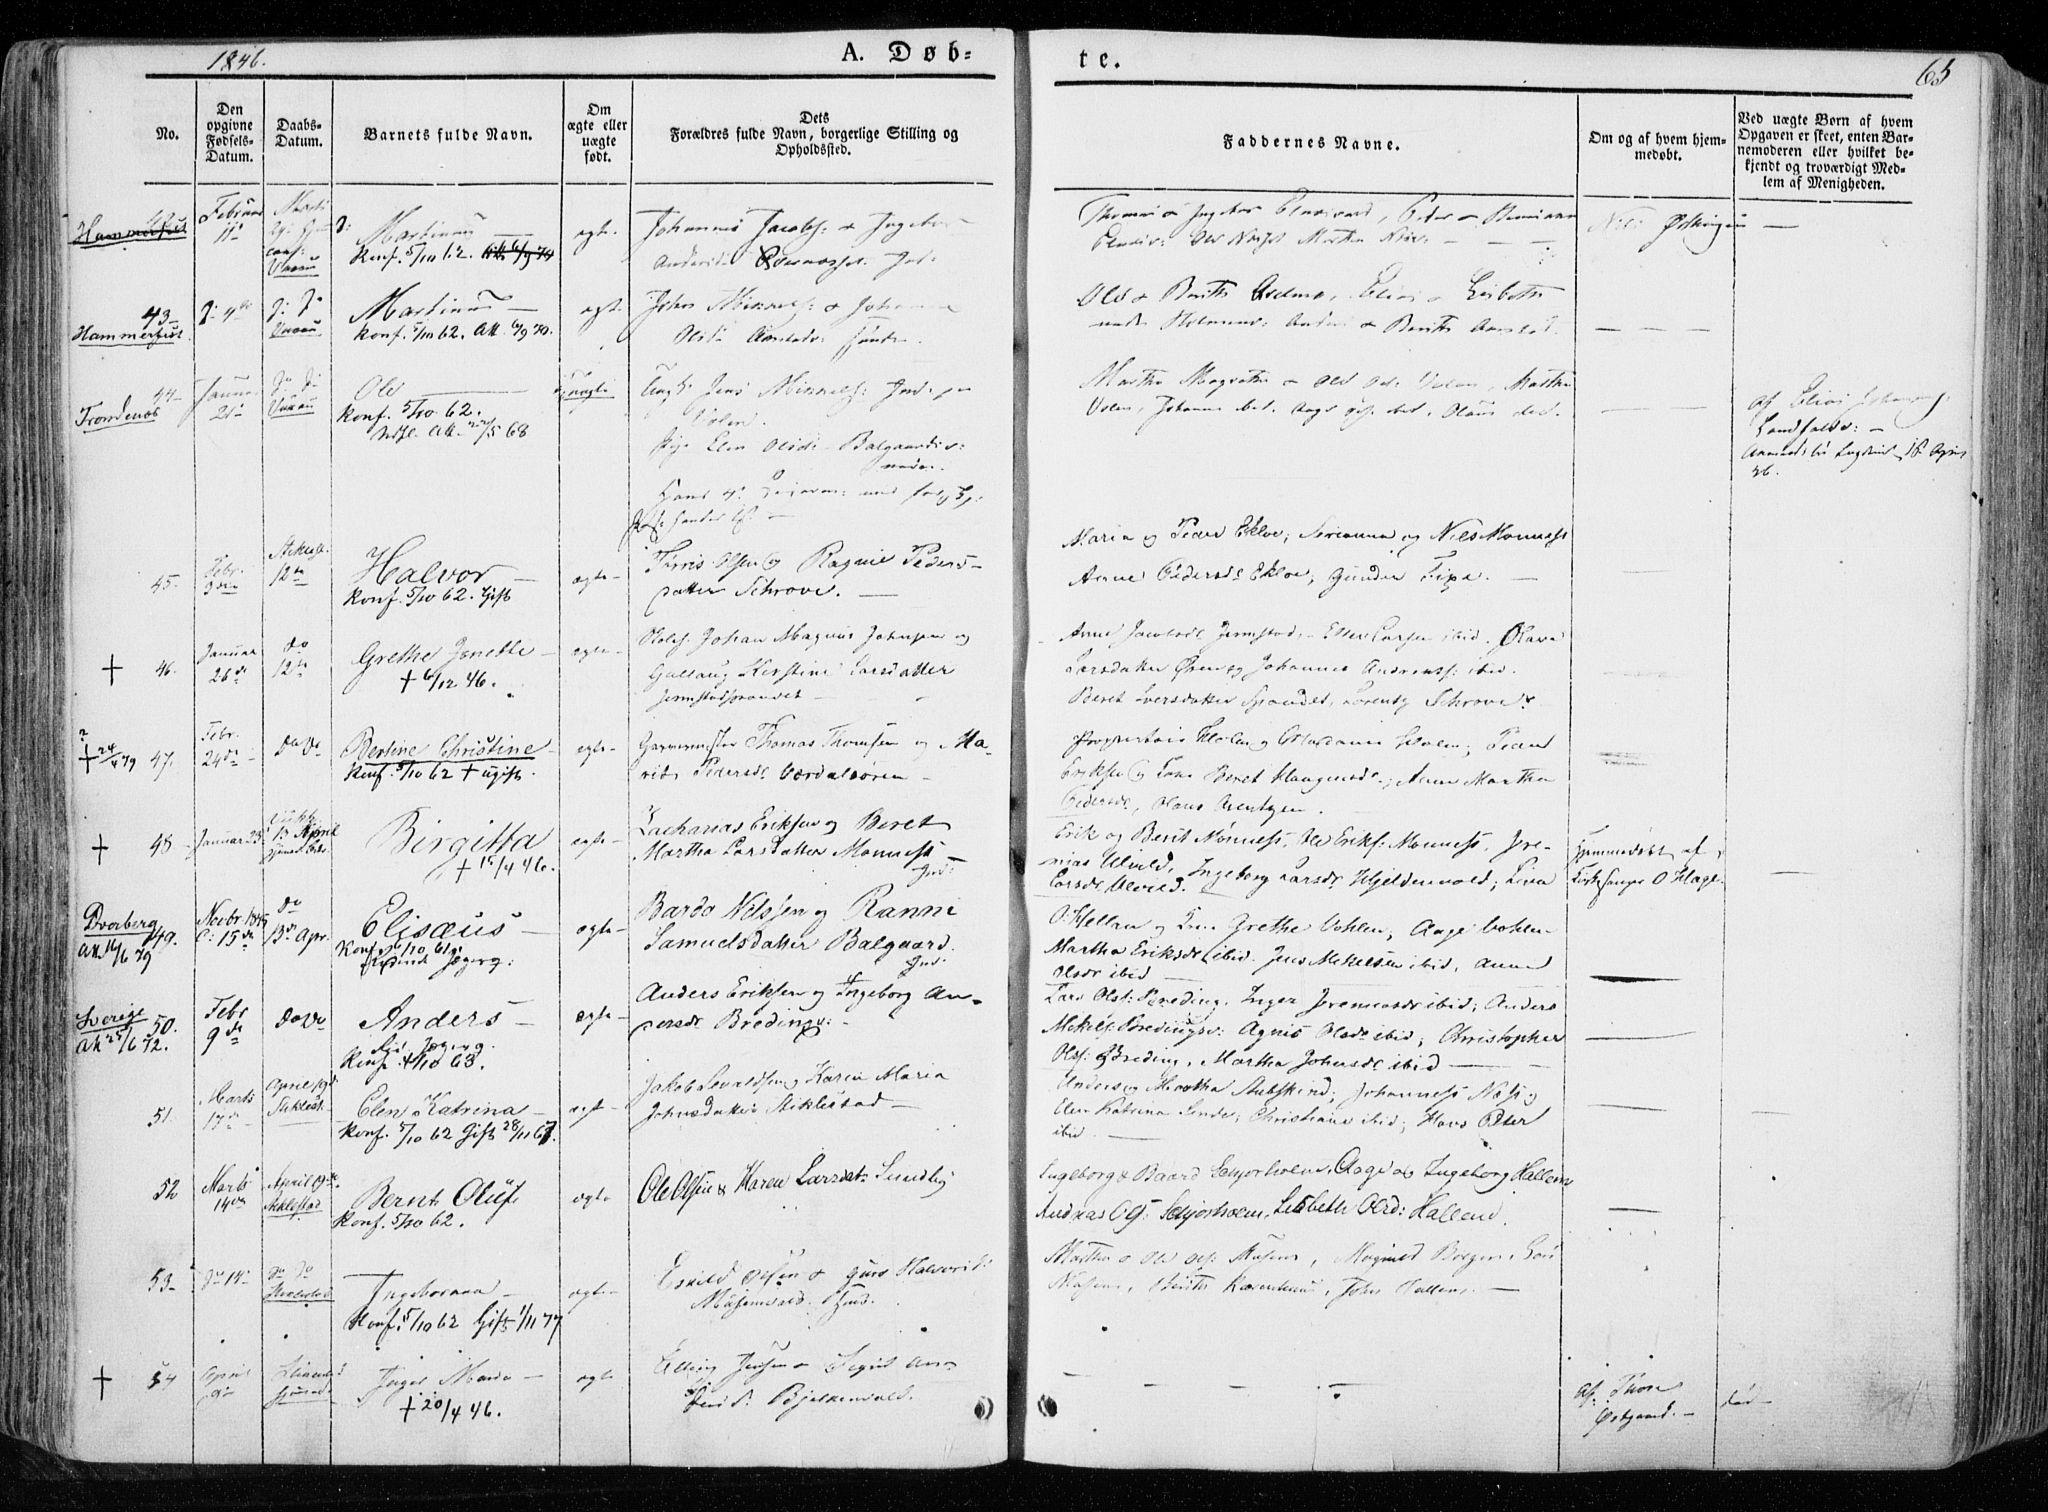 SAT, Ministerialprotokoller, klokkerbøker og fødselsregistre - Nord-Trøndelag, 723/L0239: Ministerialbok nr. 723A08, 1841-1851, s. 65